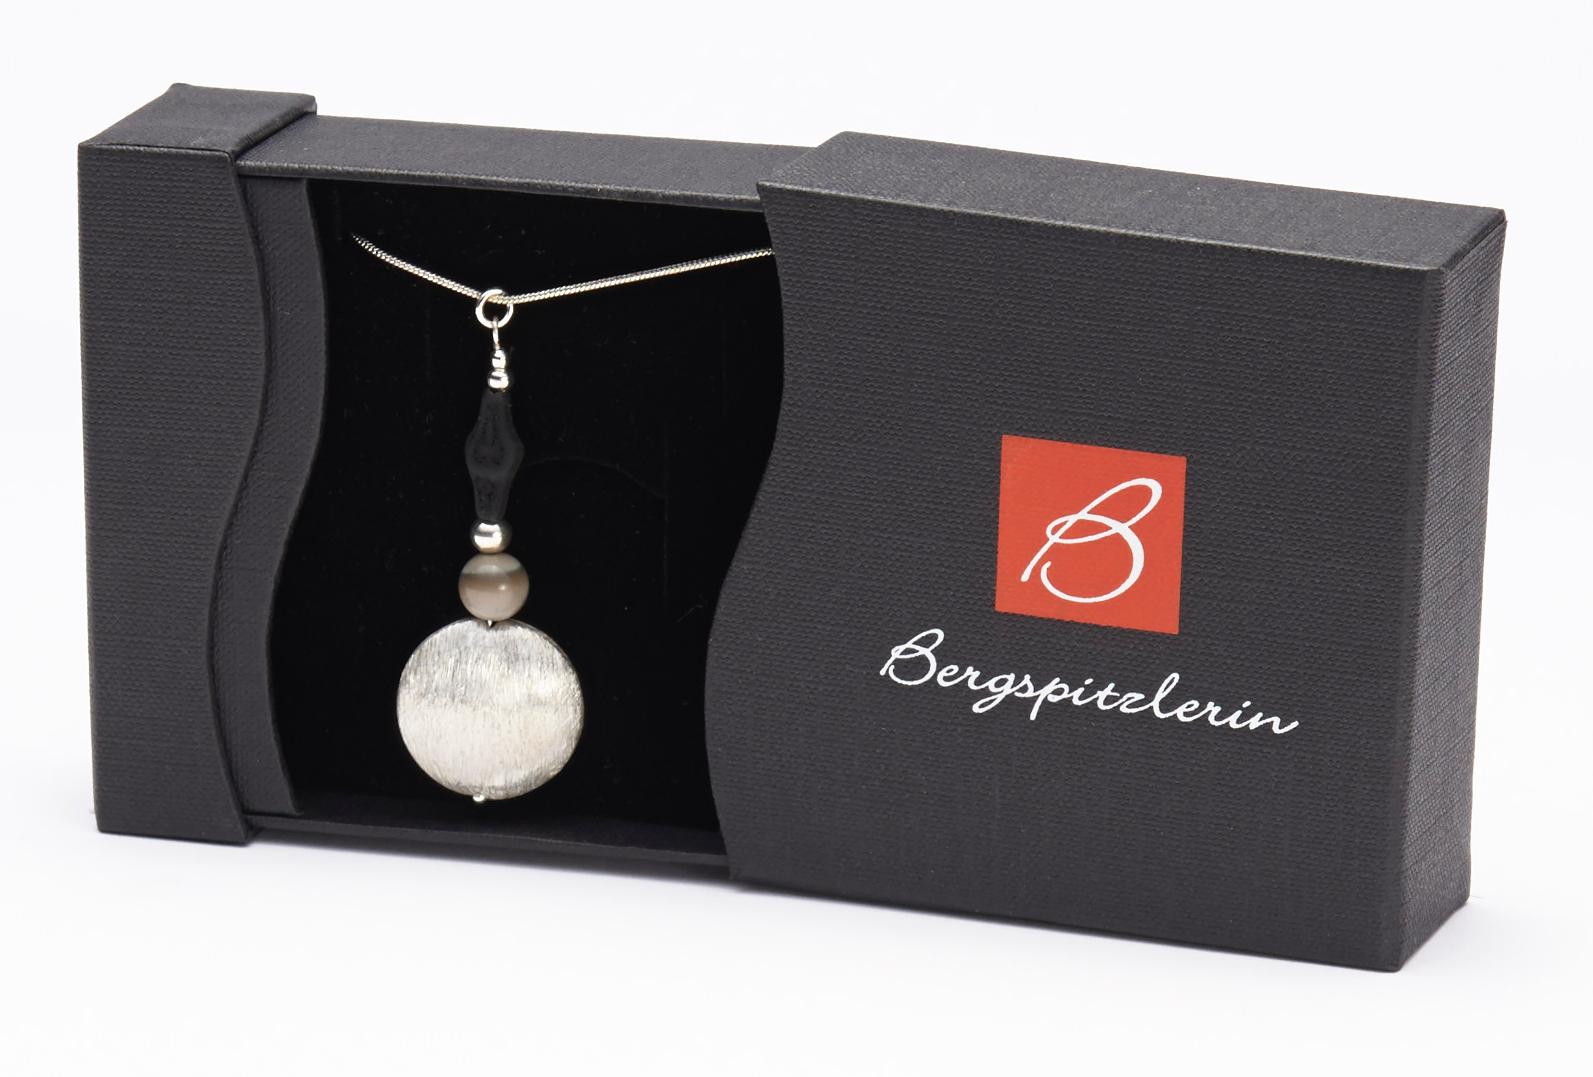 Halskette Galzig | Schmuckstücke von Bergspitzlerin online kaufen